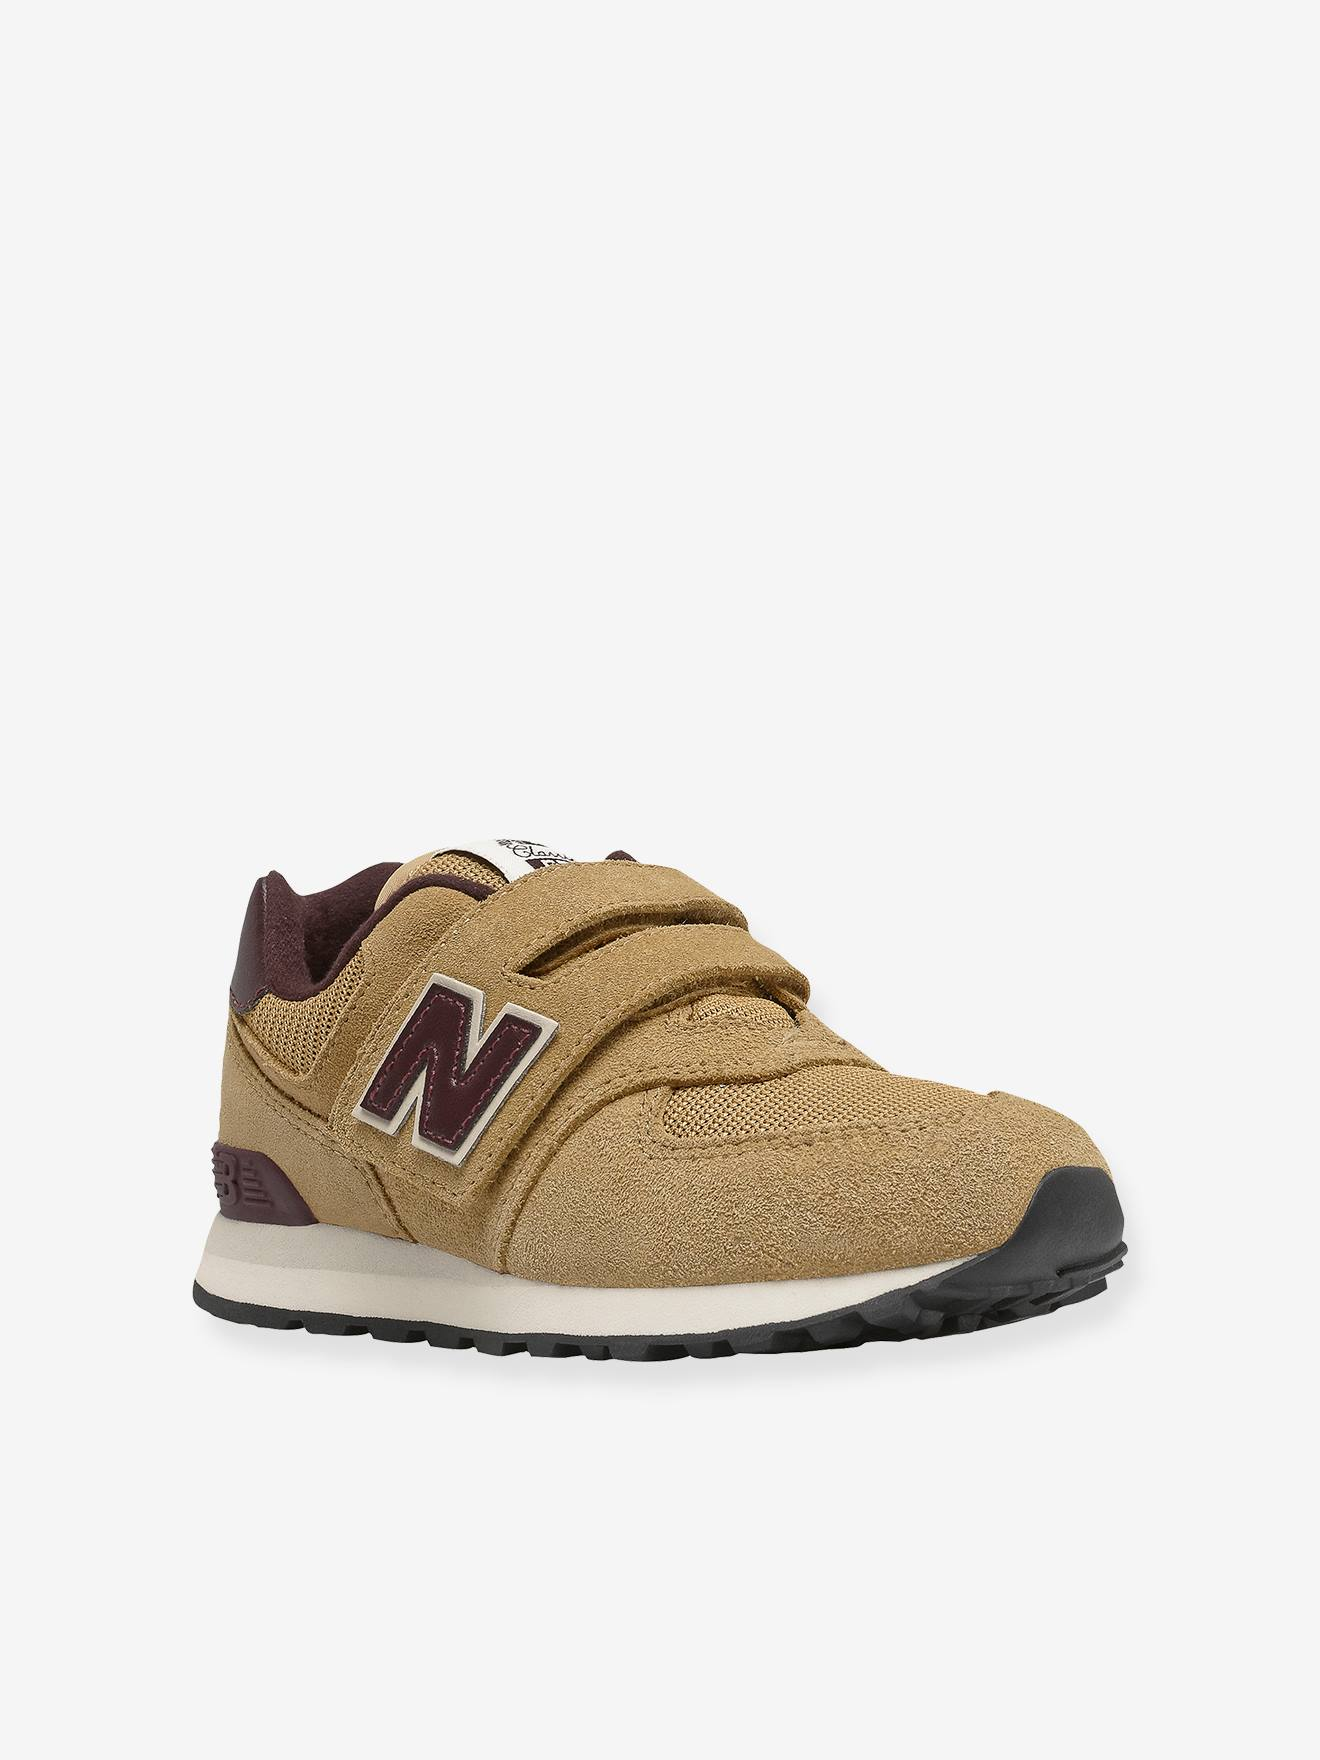 La chaussure enfant | Vertbaudet New Balance - Magasin de ...